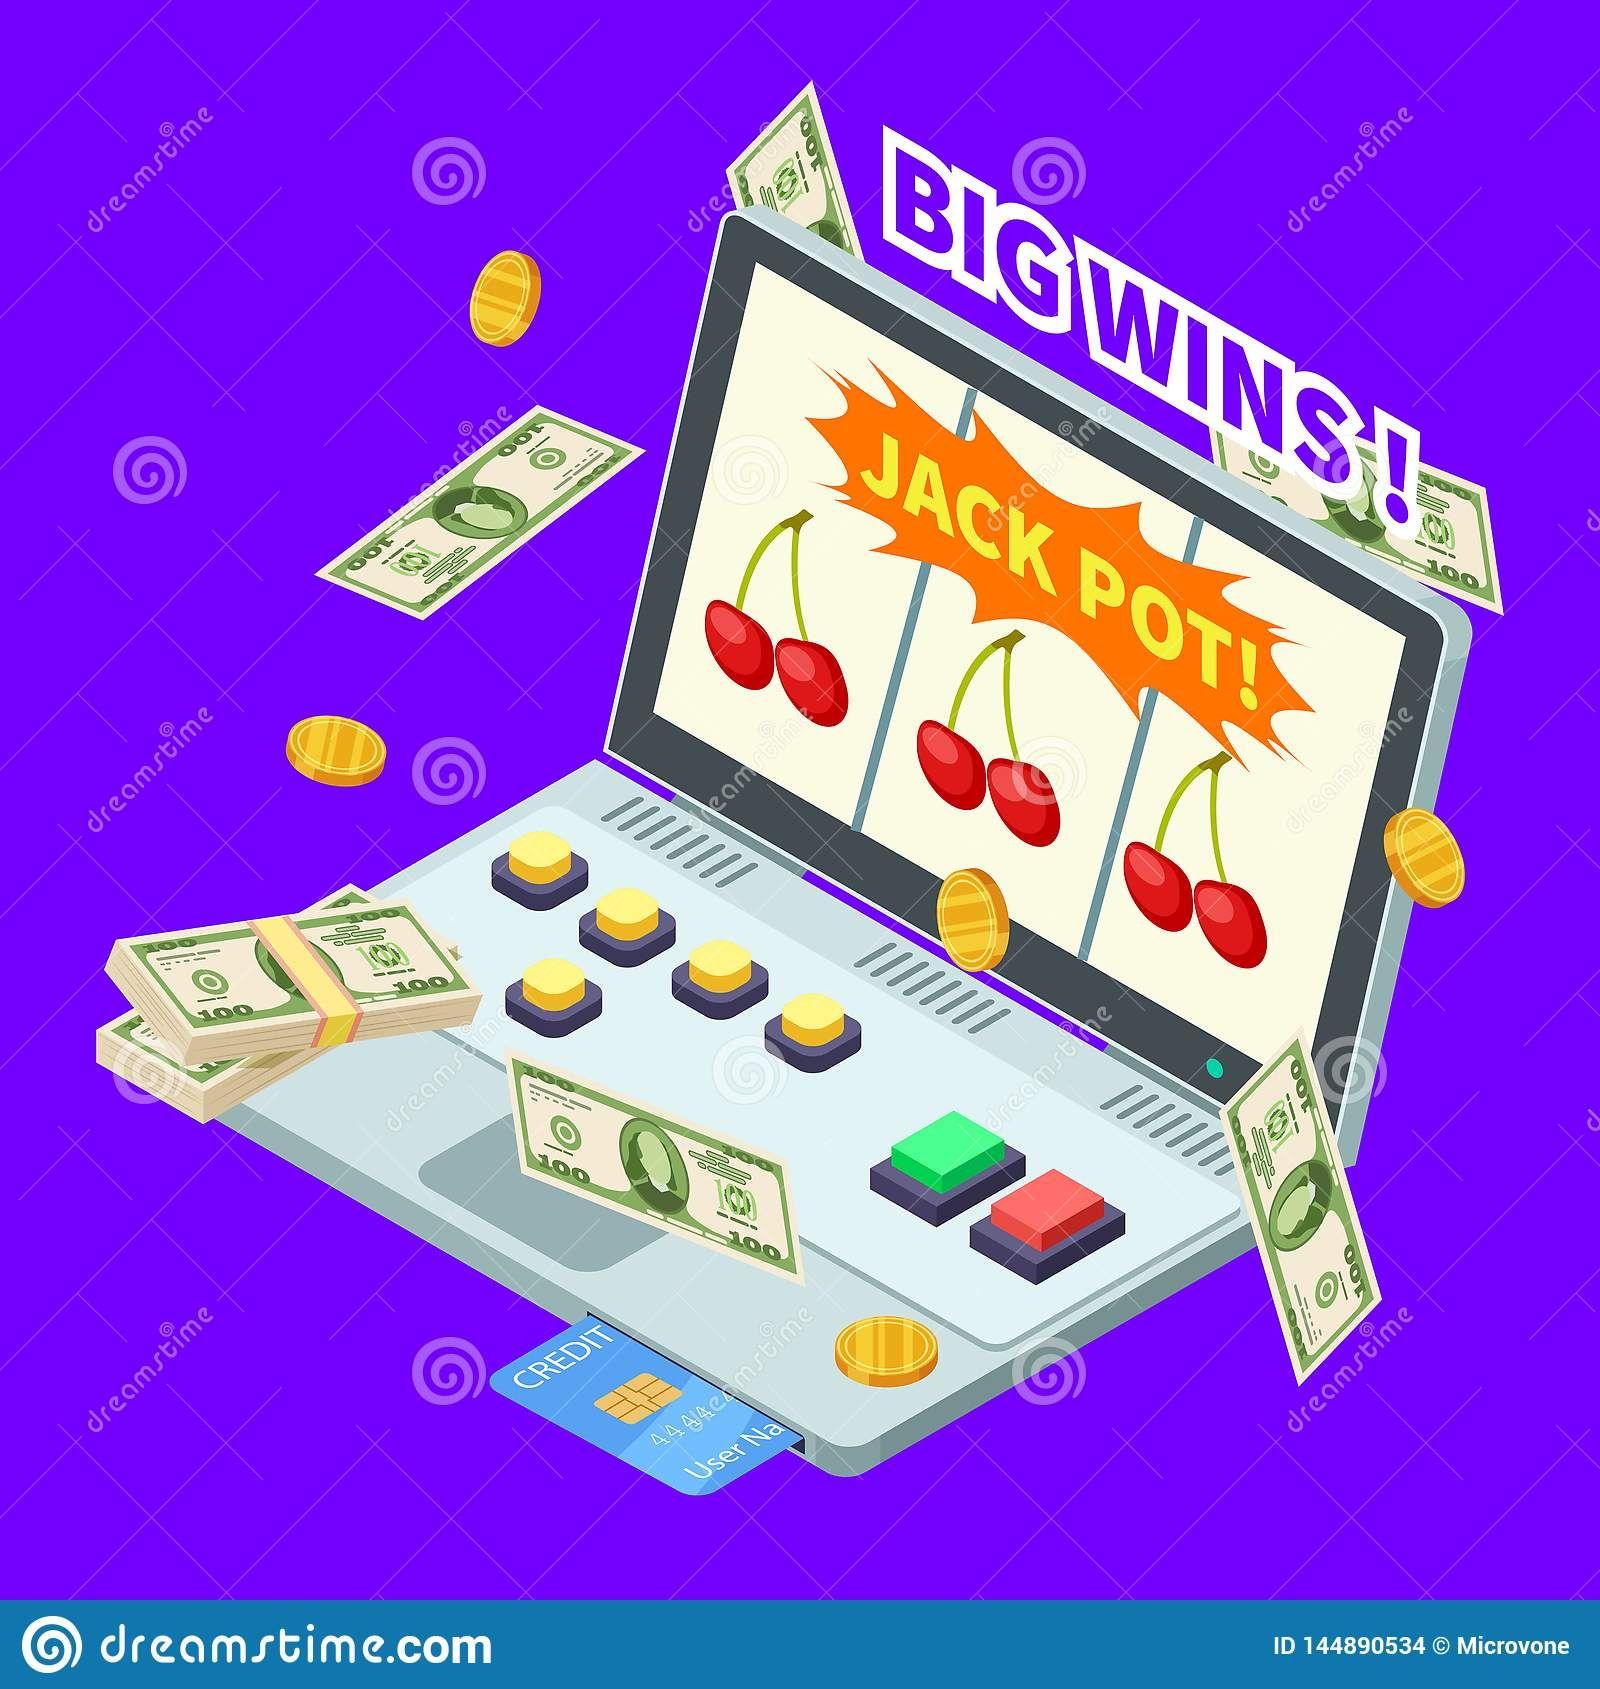 Игровые автоматы симуляторы скачать бесплатно без регистрации и sms как начать играть на глобальной карте